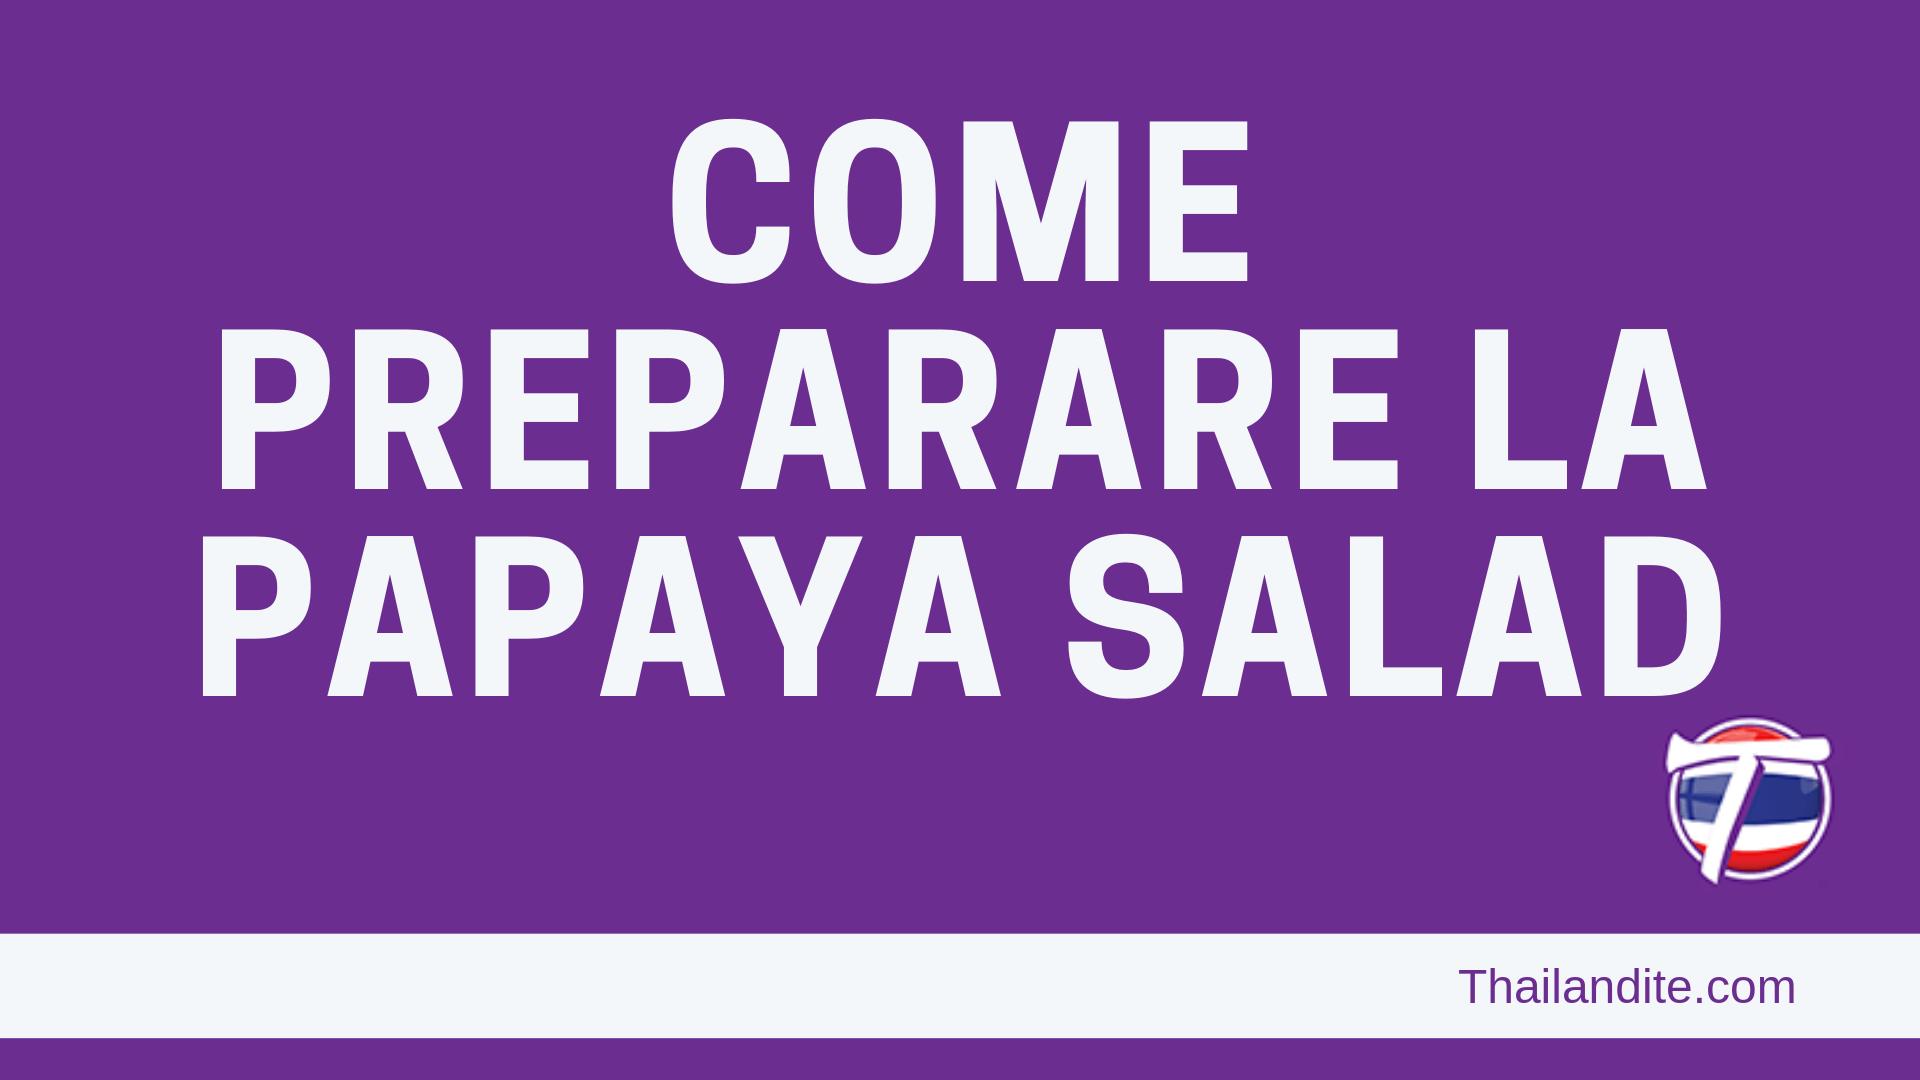 Come preparare la papaya salad